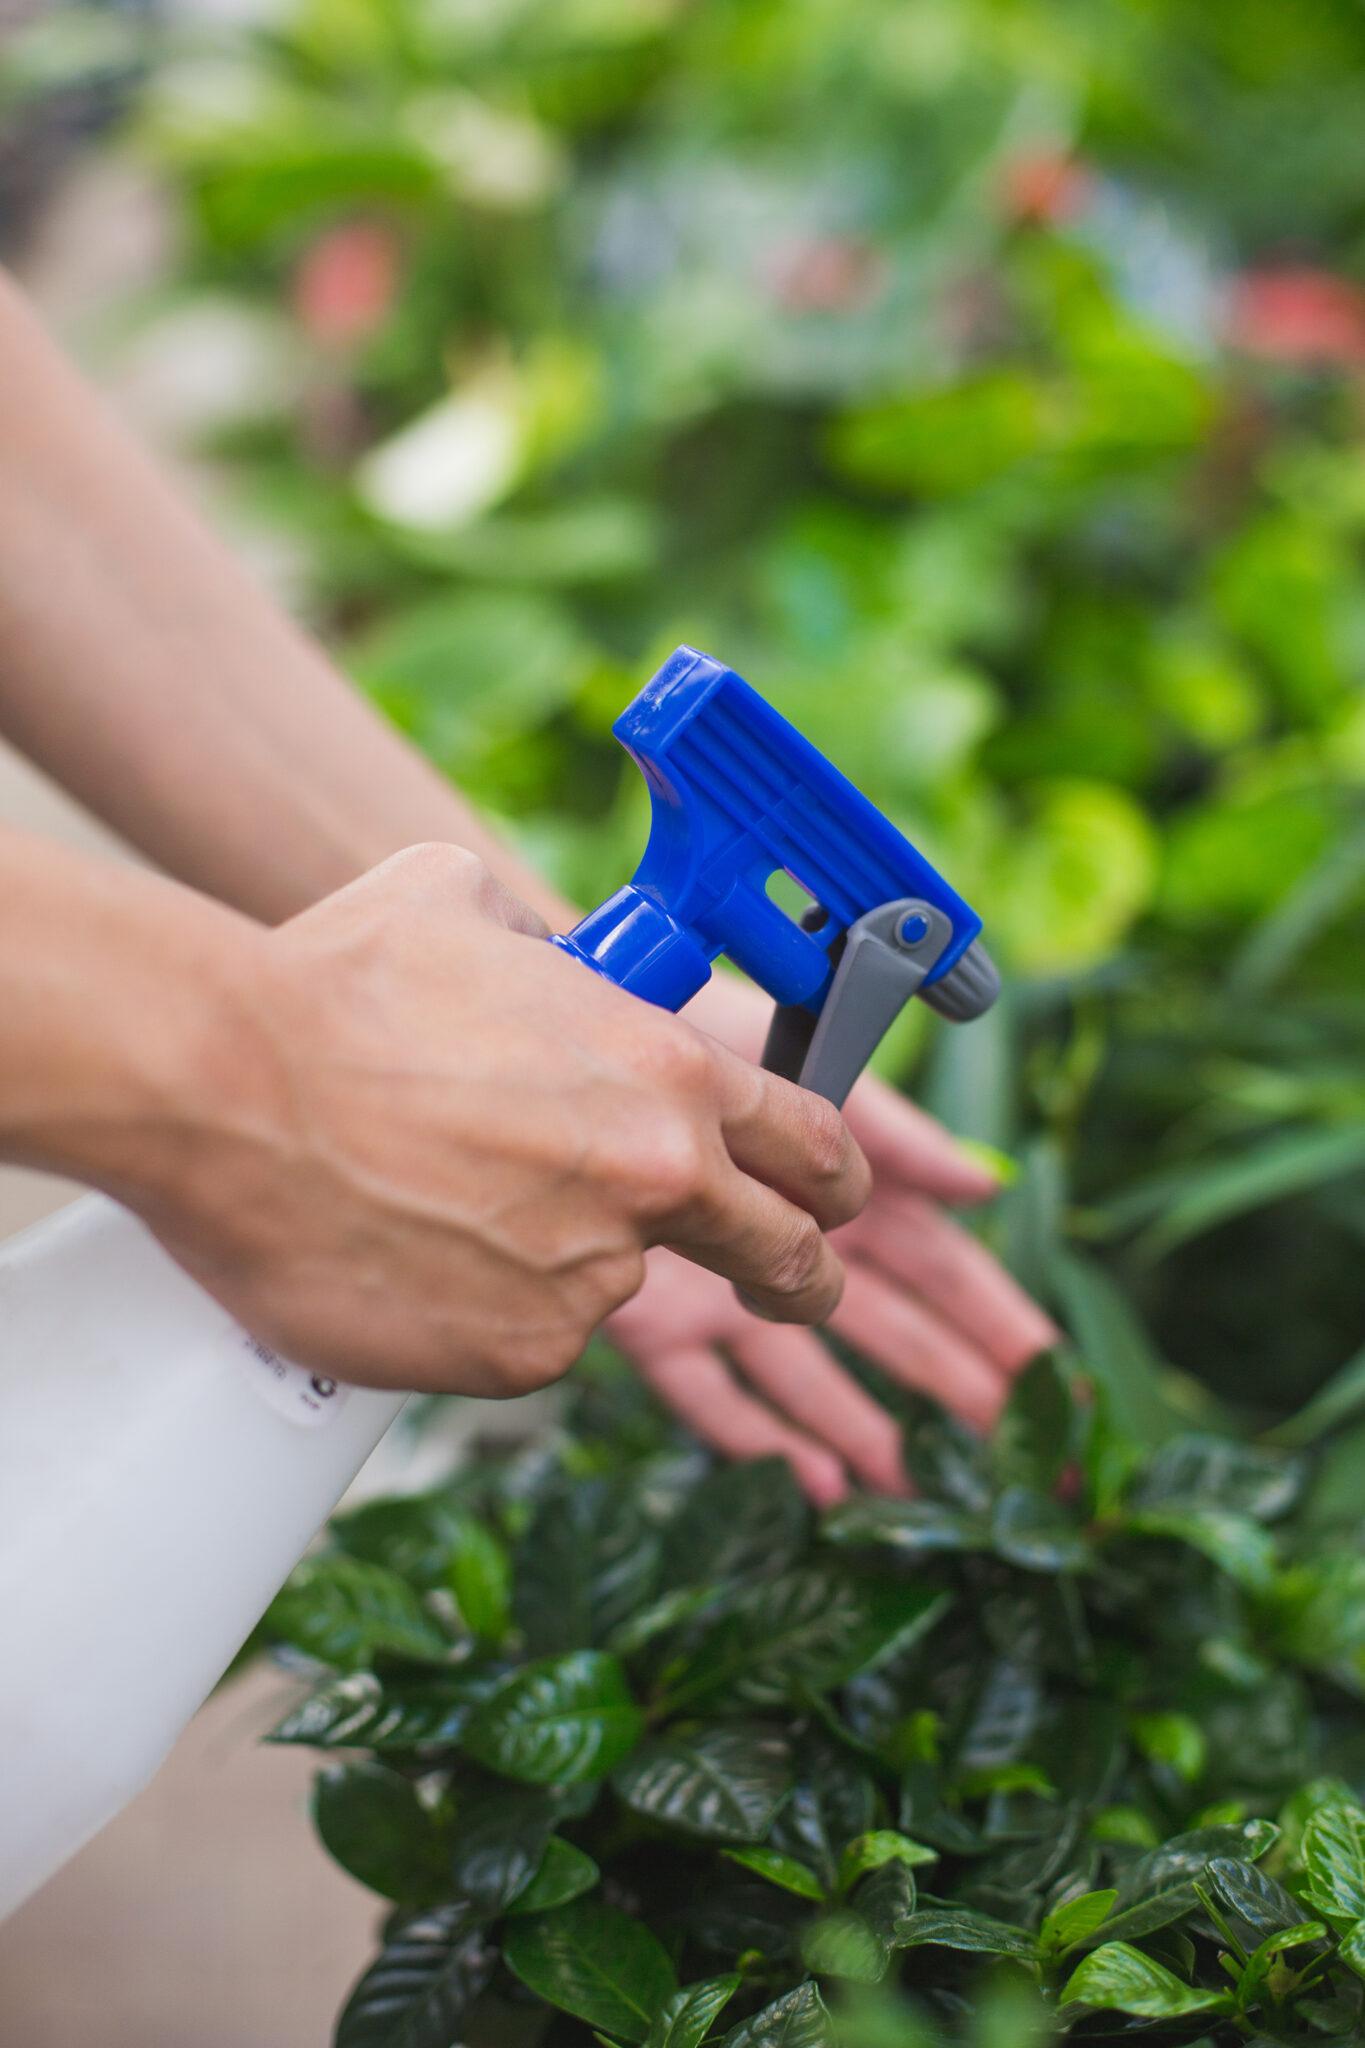 Garden sprayer in hand